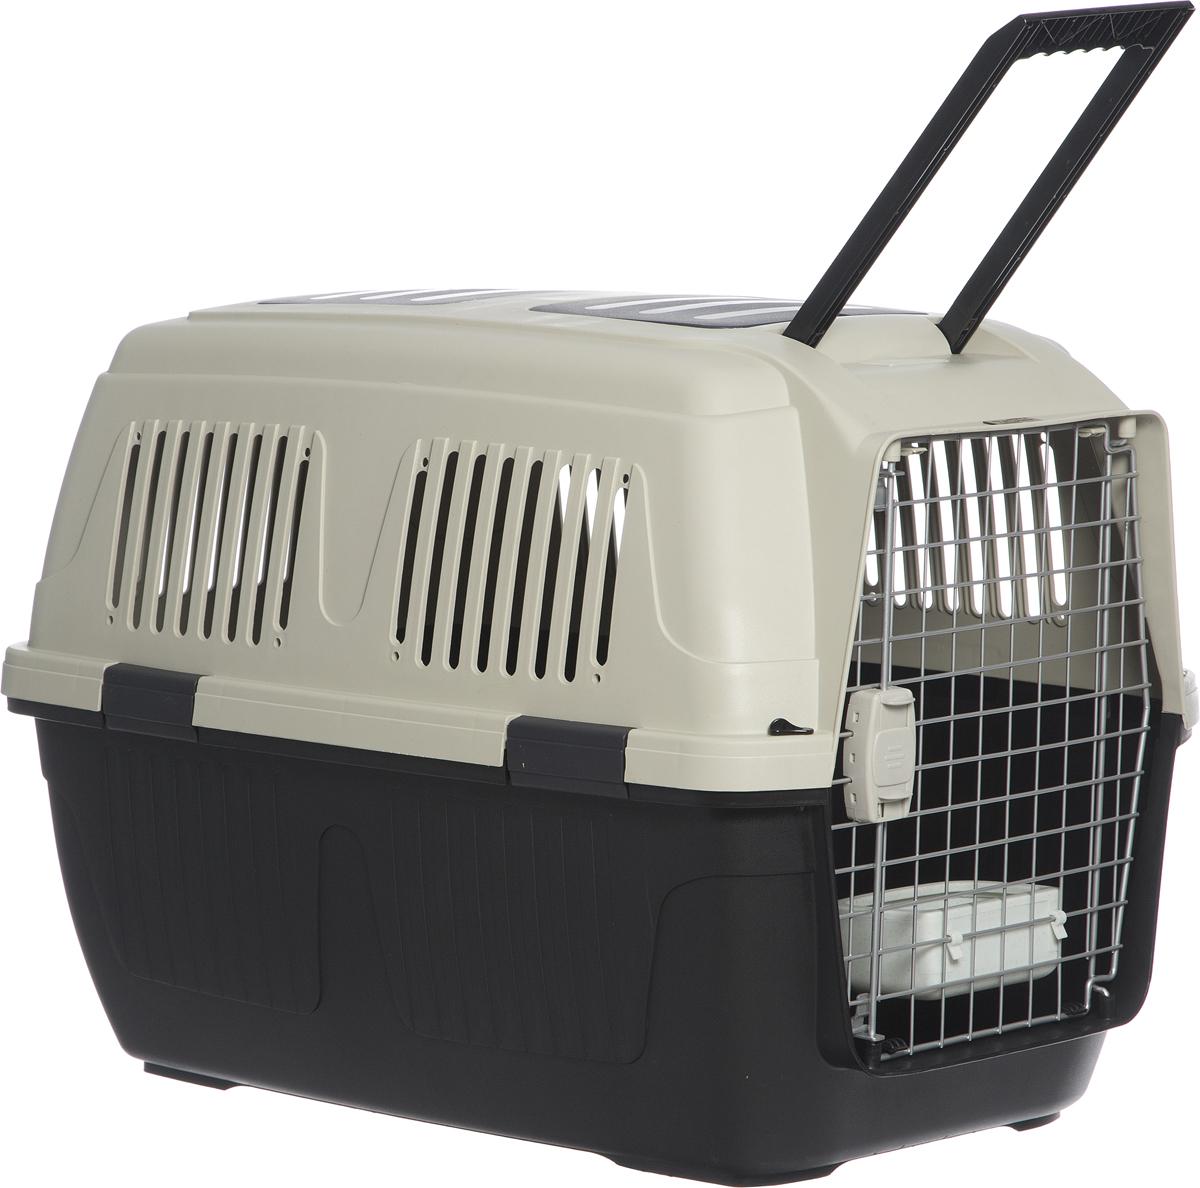 Переноска для собак Triol Standard Large, цвет: черный, 820 x 570 x 600 мм для собак triol милитари